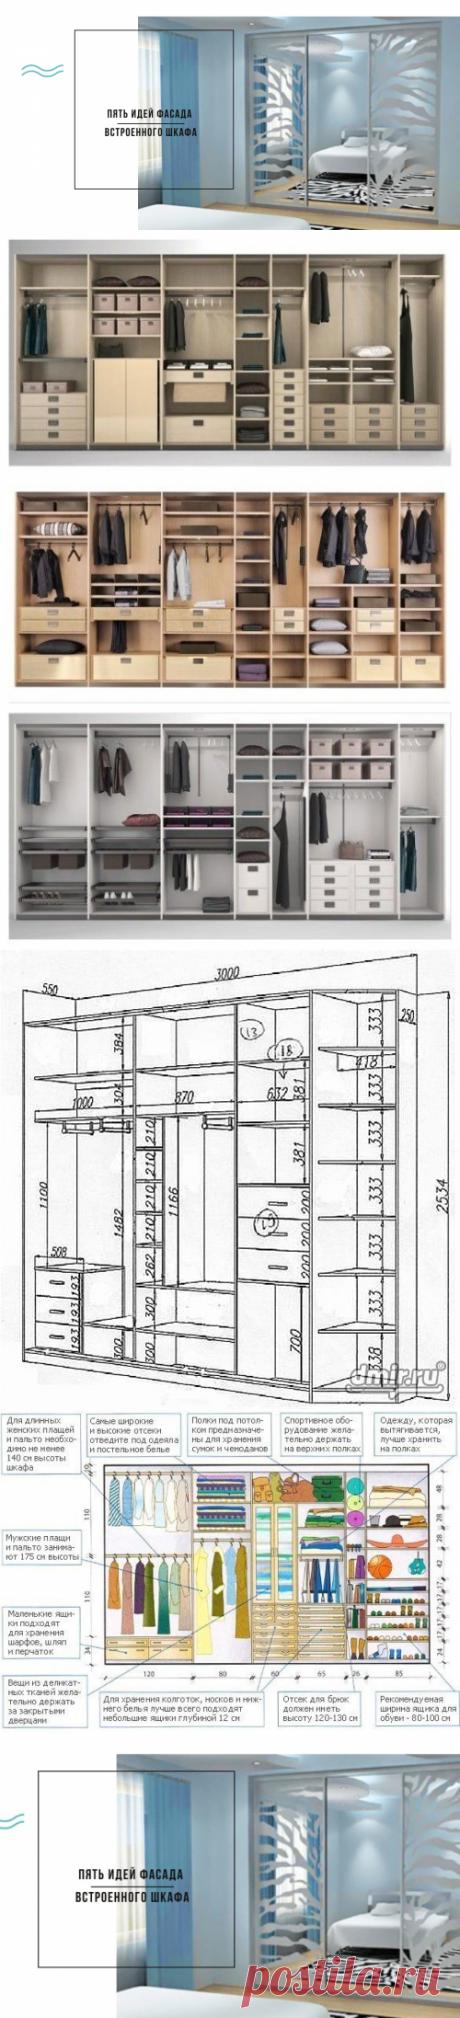 Встроенный шкаф - идеи фасада для модных интерьеров